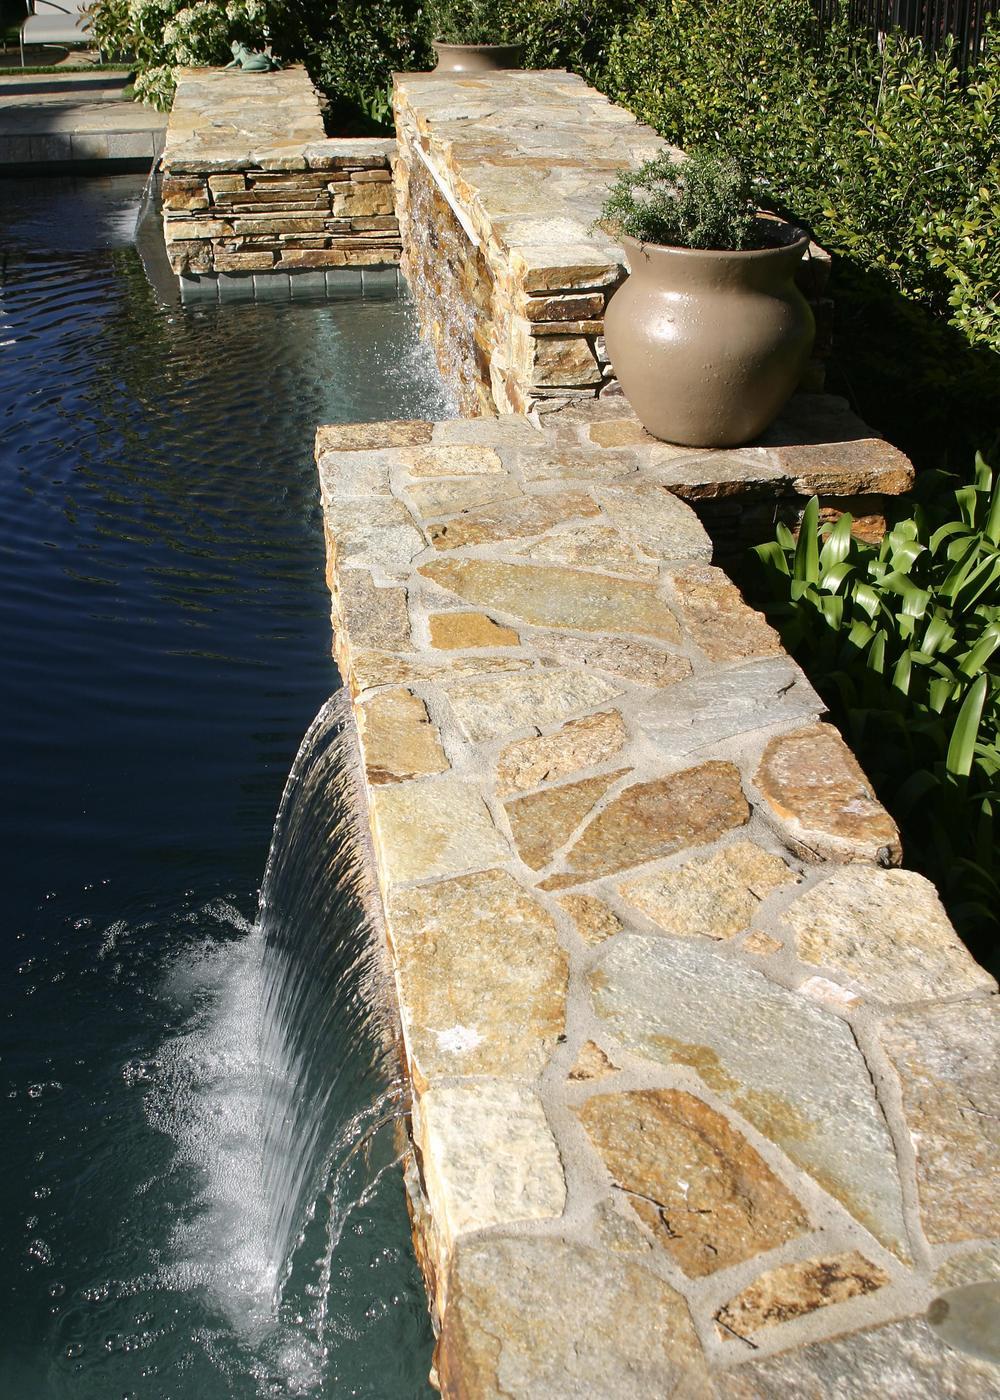 View of pool at rear yard.